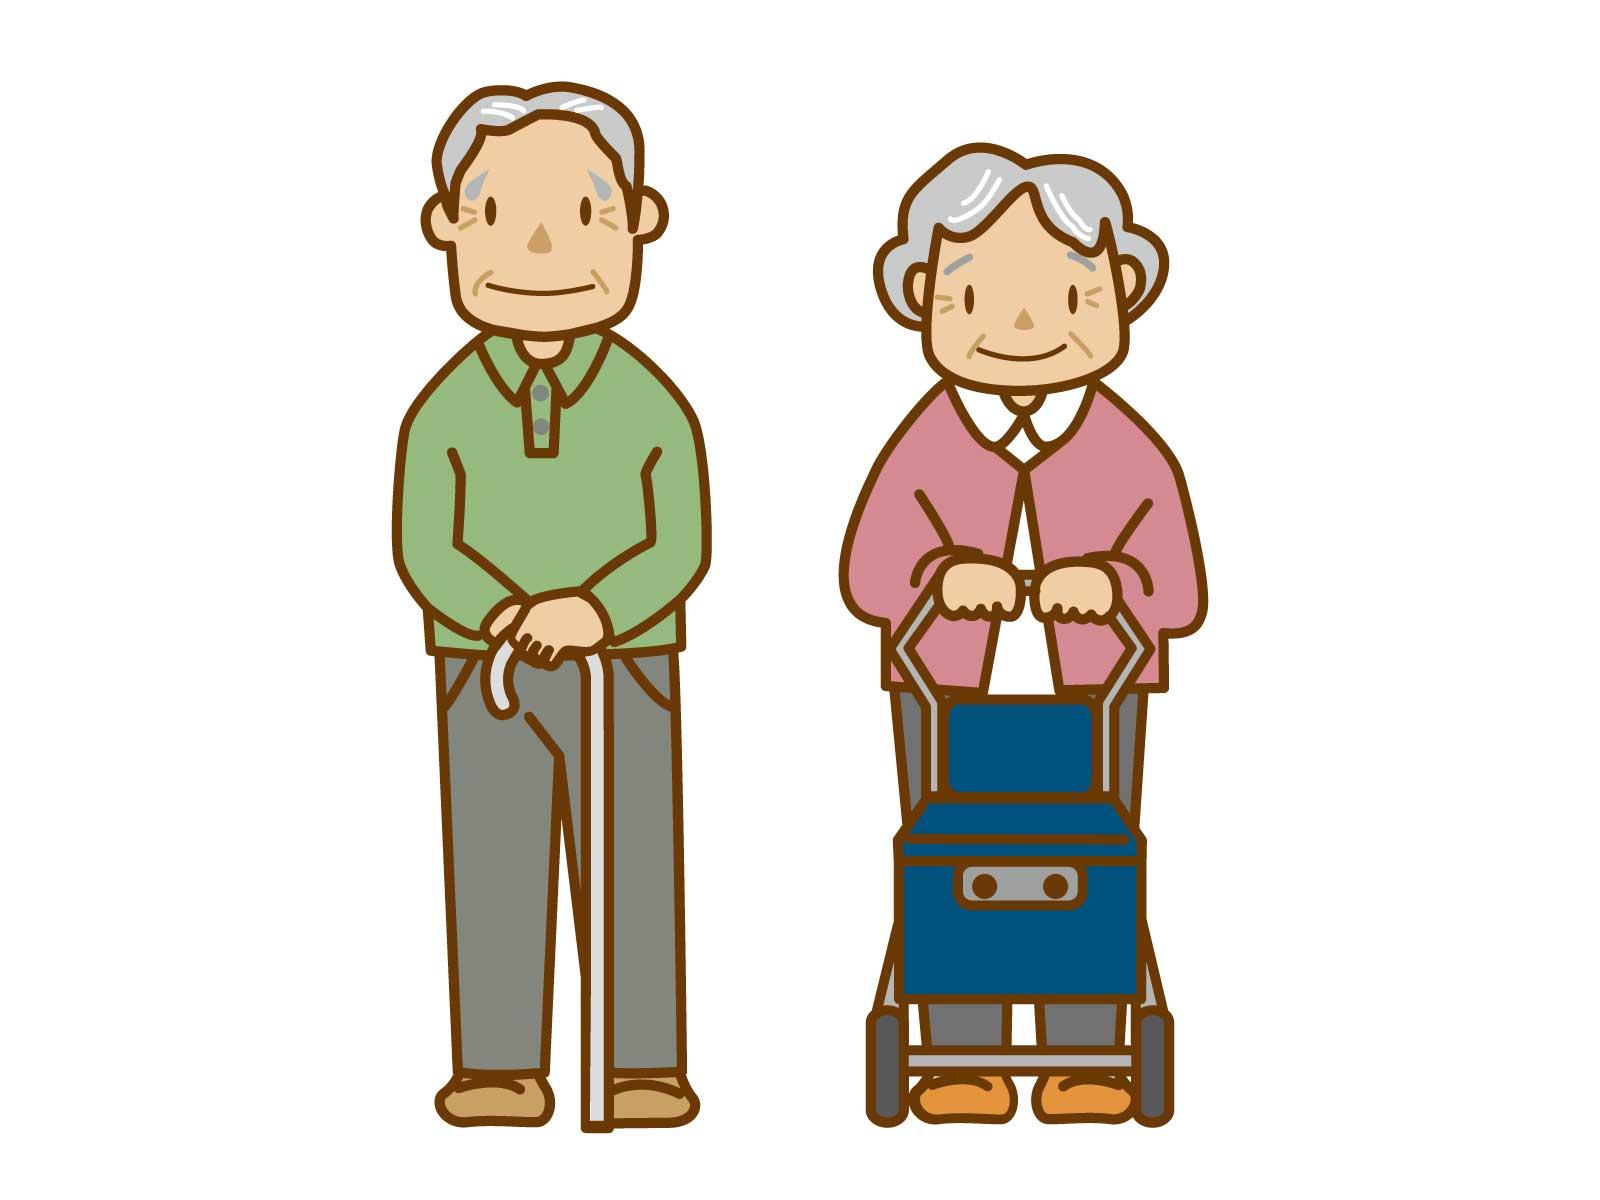 お年寄りの足腰が弱ったら?杖や手押し車は買わずにレンタルする方がいい理由